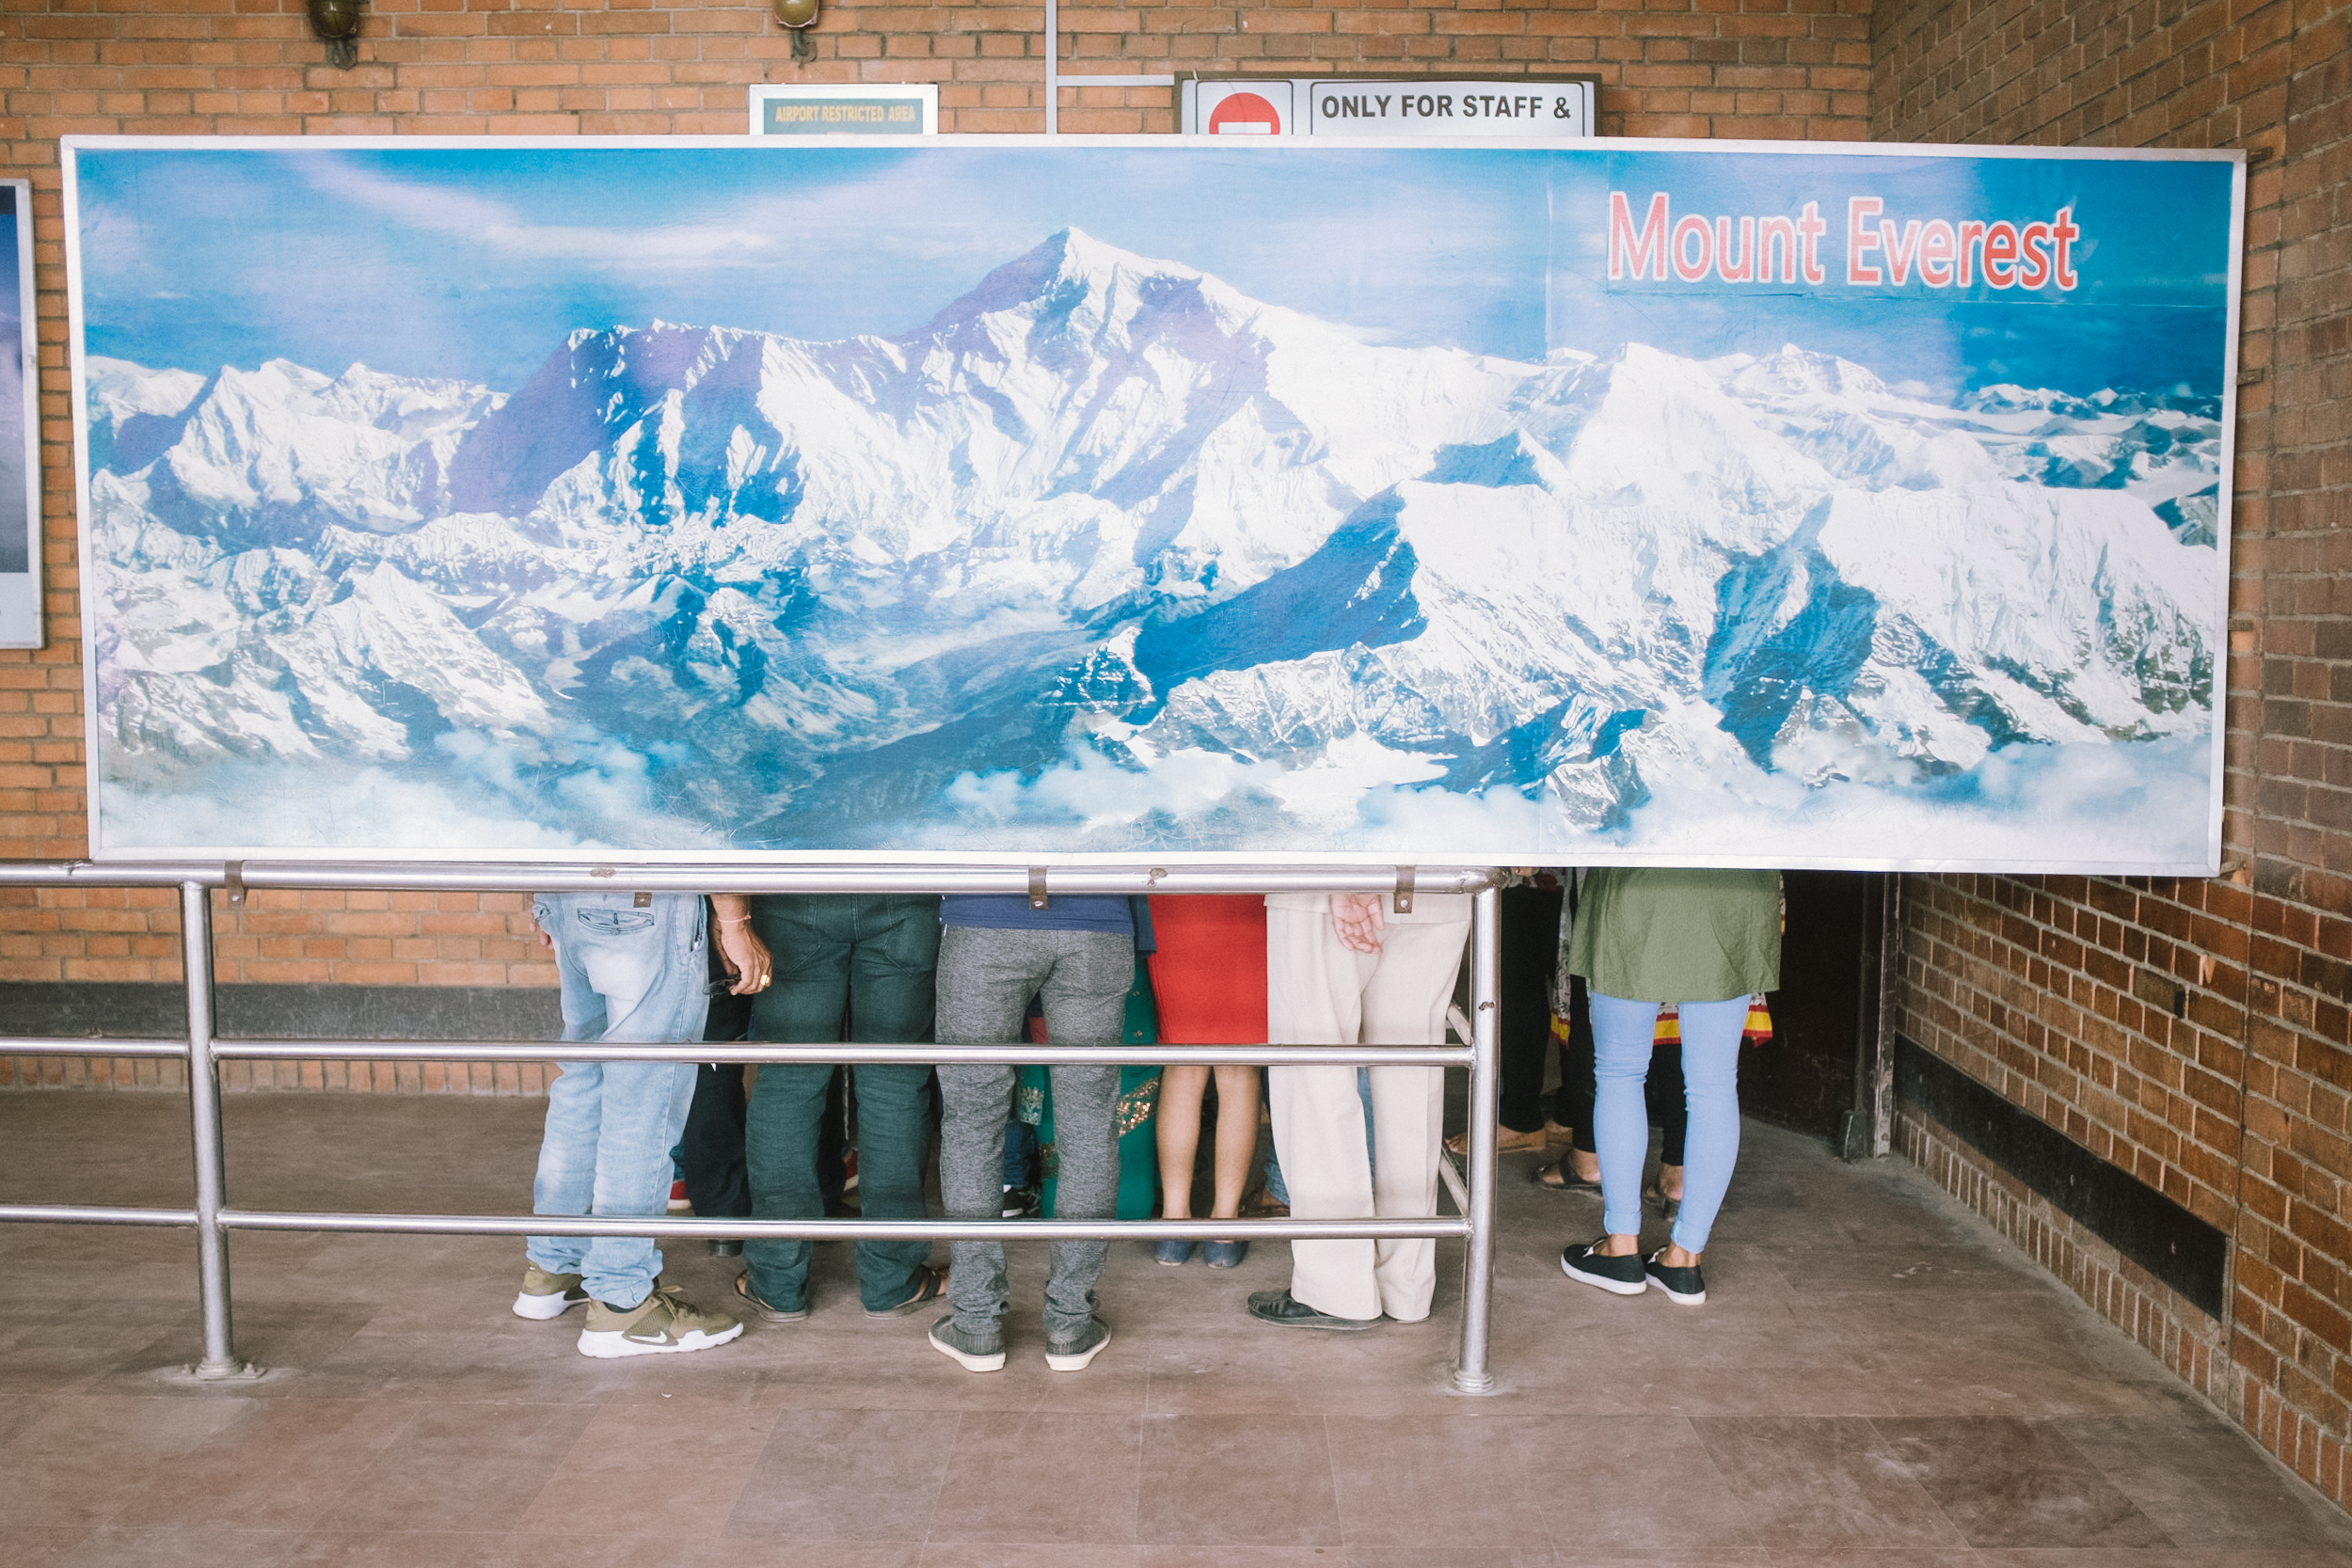 Lot 597 Mt. Everest - Photograph